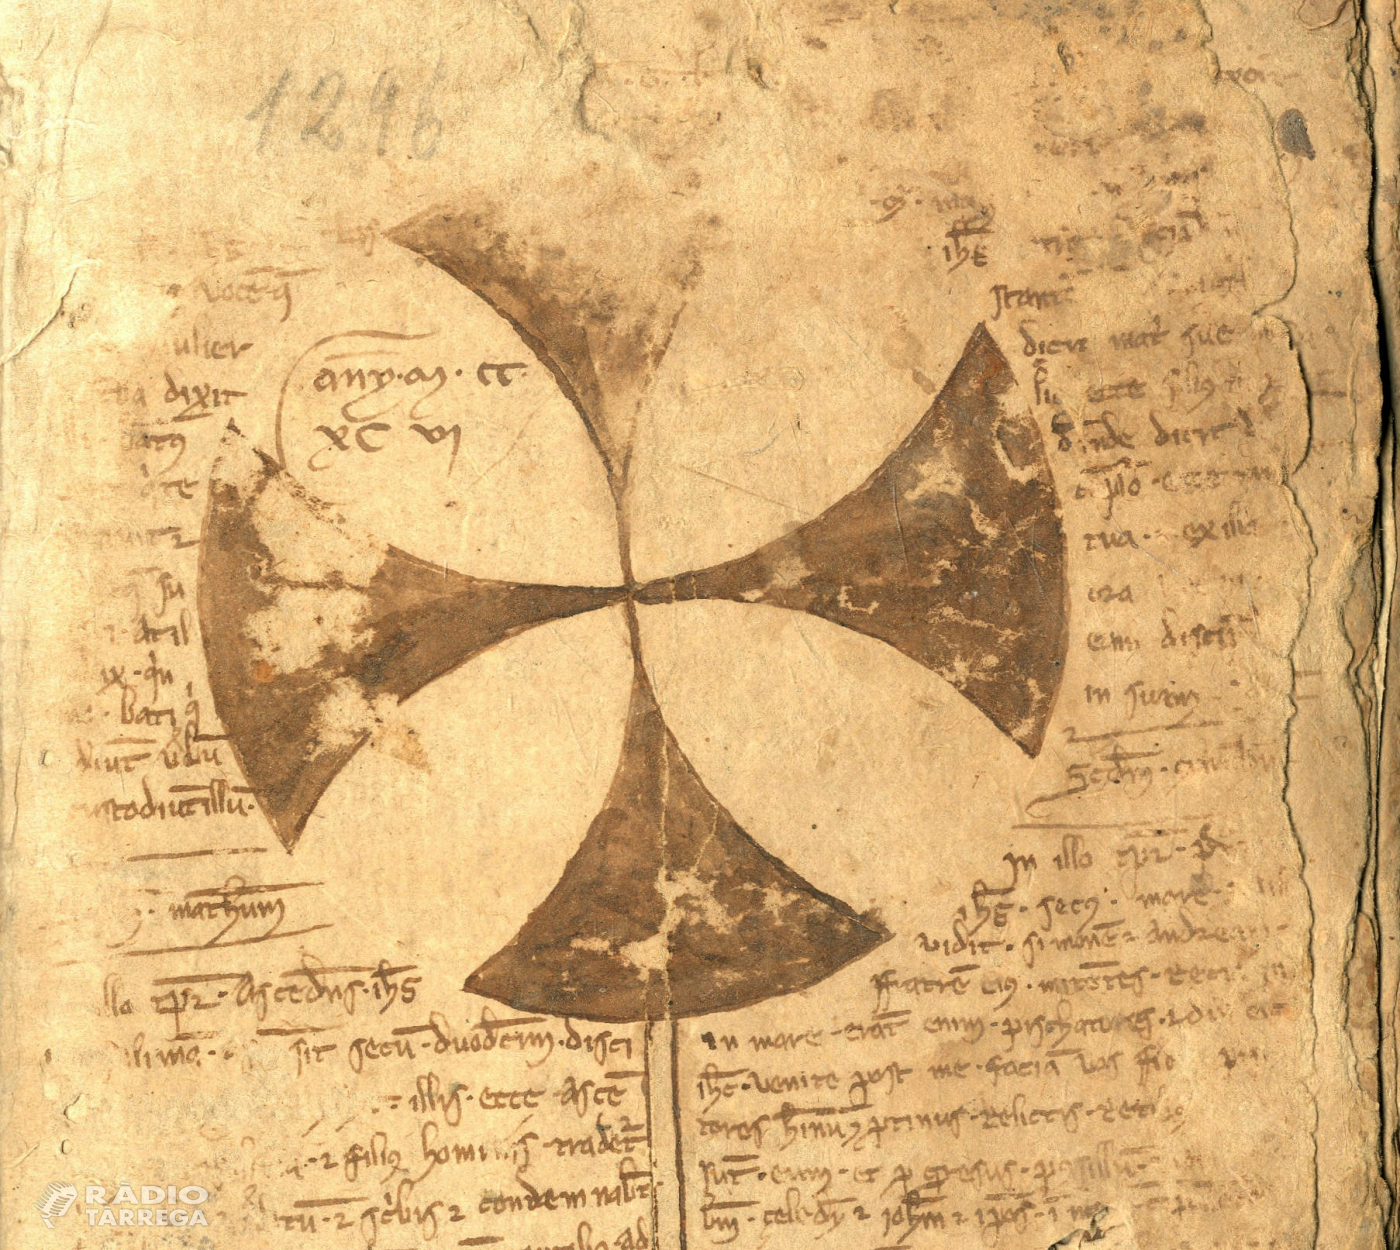 Els documents dels segles XIII al XV de la parròquia de Verdú online